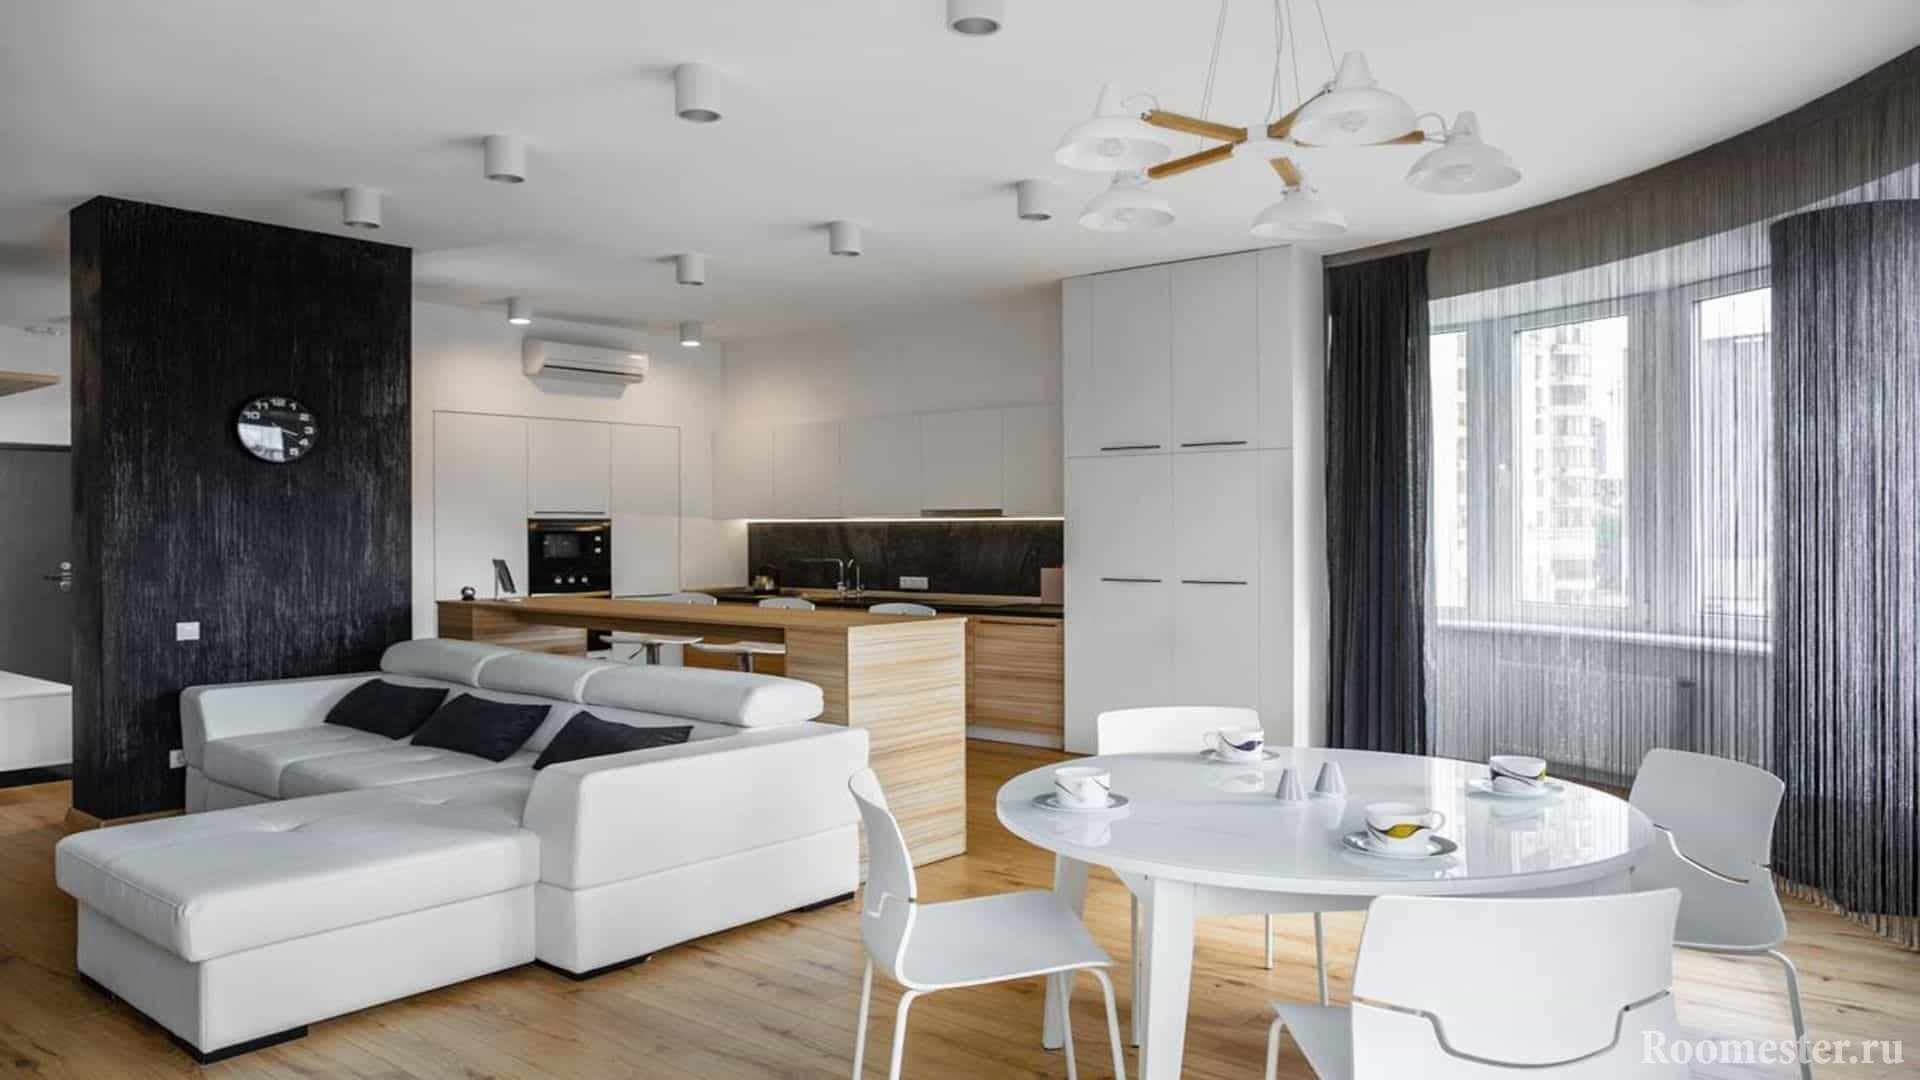 Квартира с округленной стеной